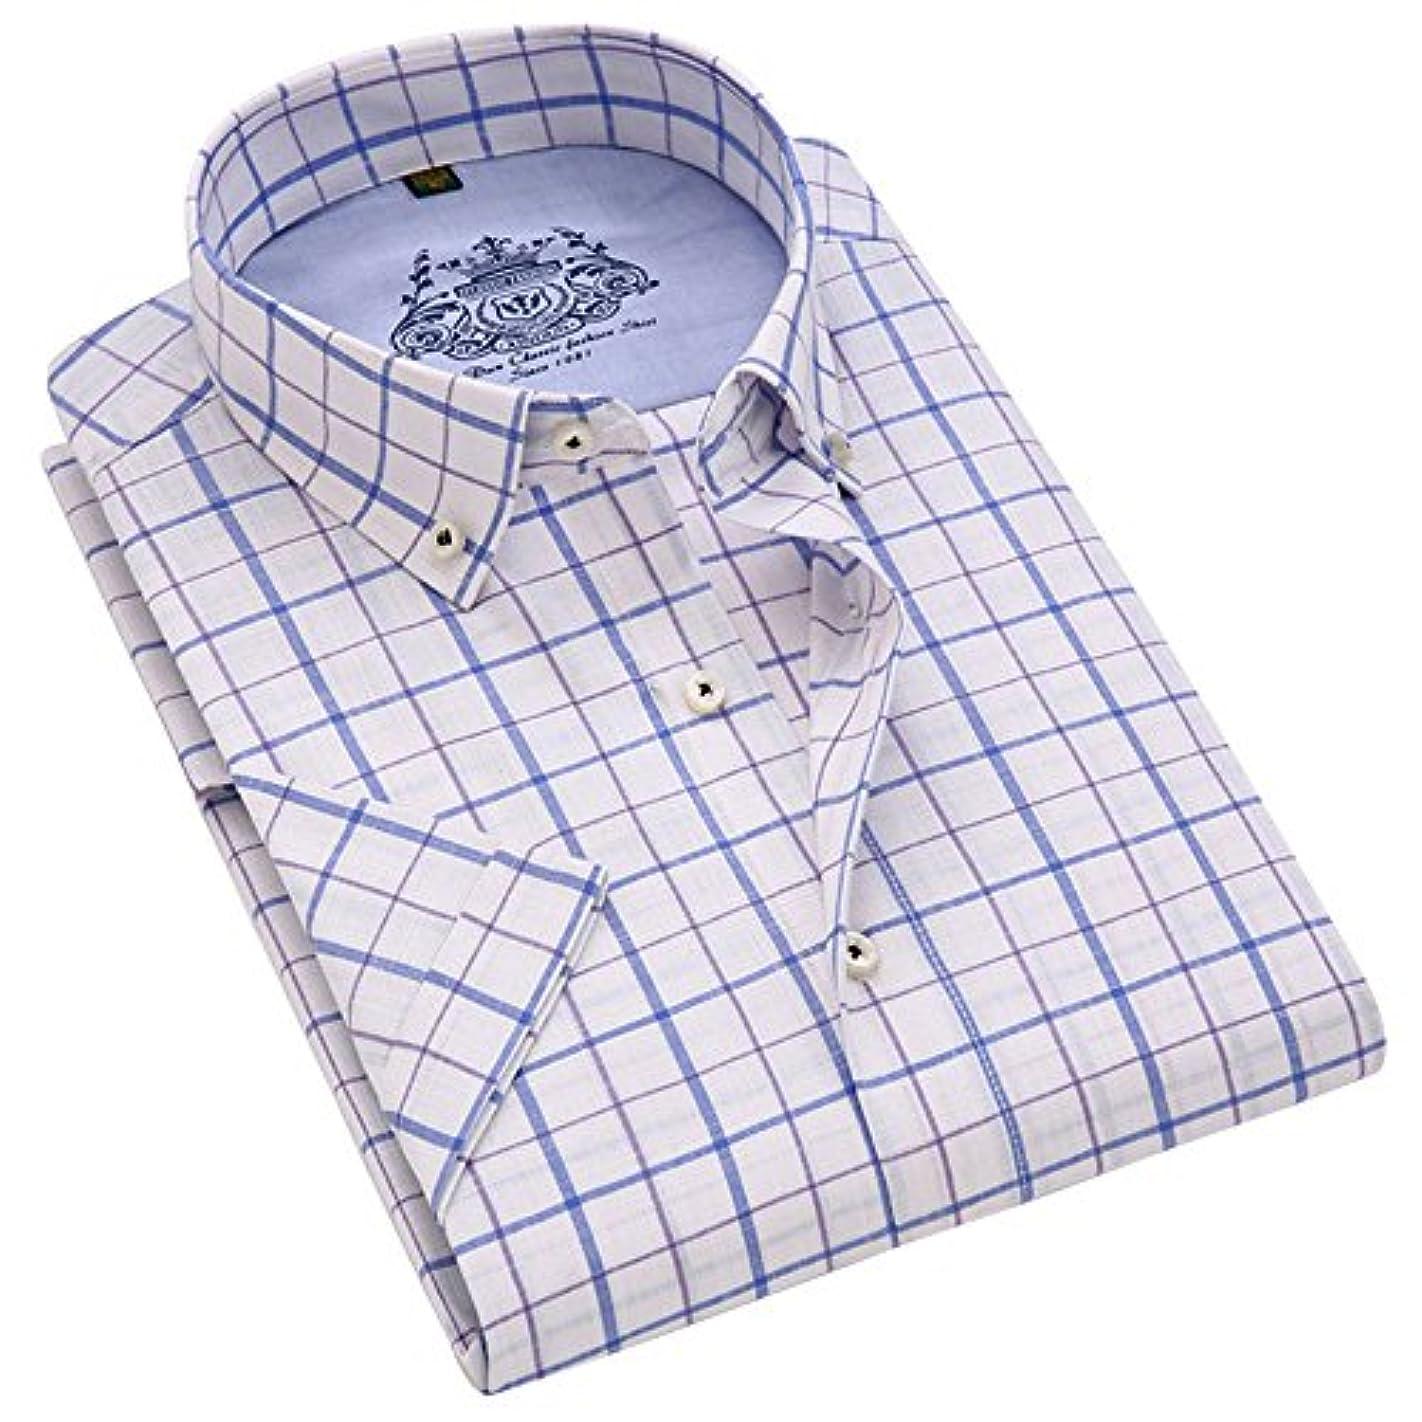 大胆不敵効能ハーネス(ワイ-ミー) Y-ME 半袖ワイシャツカジュアルビジネス紳士半袖シャツ 選択する10色 形態安定 豊富な7サイズ